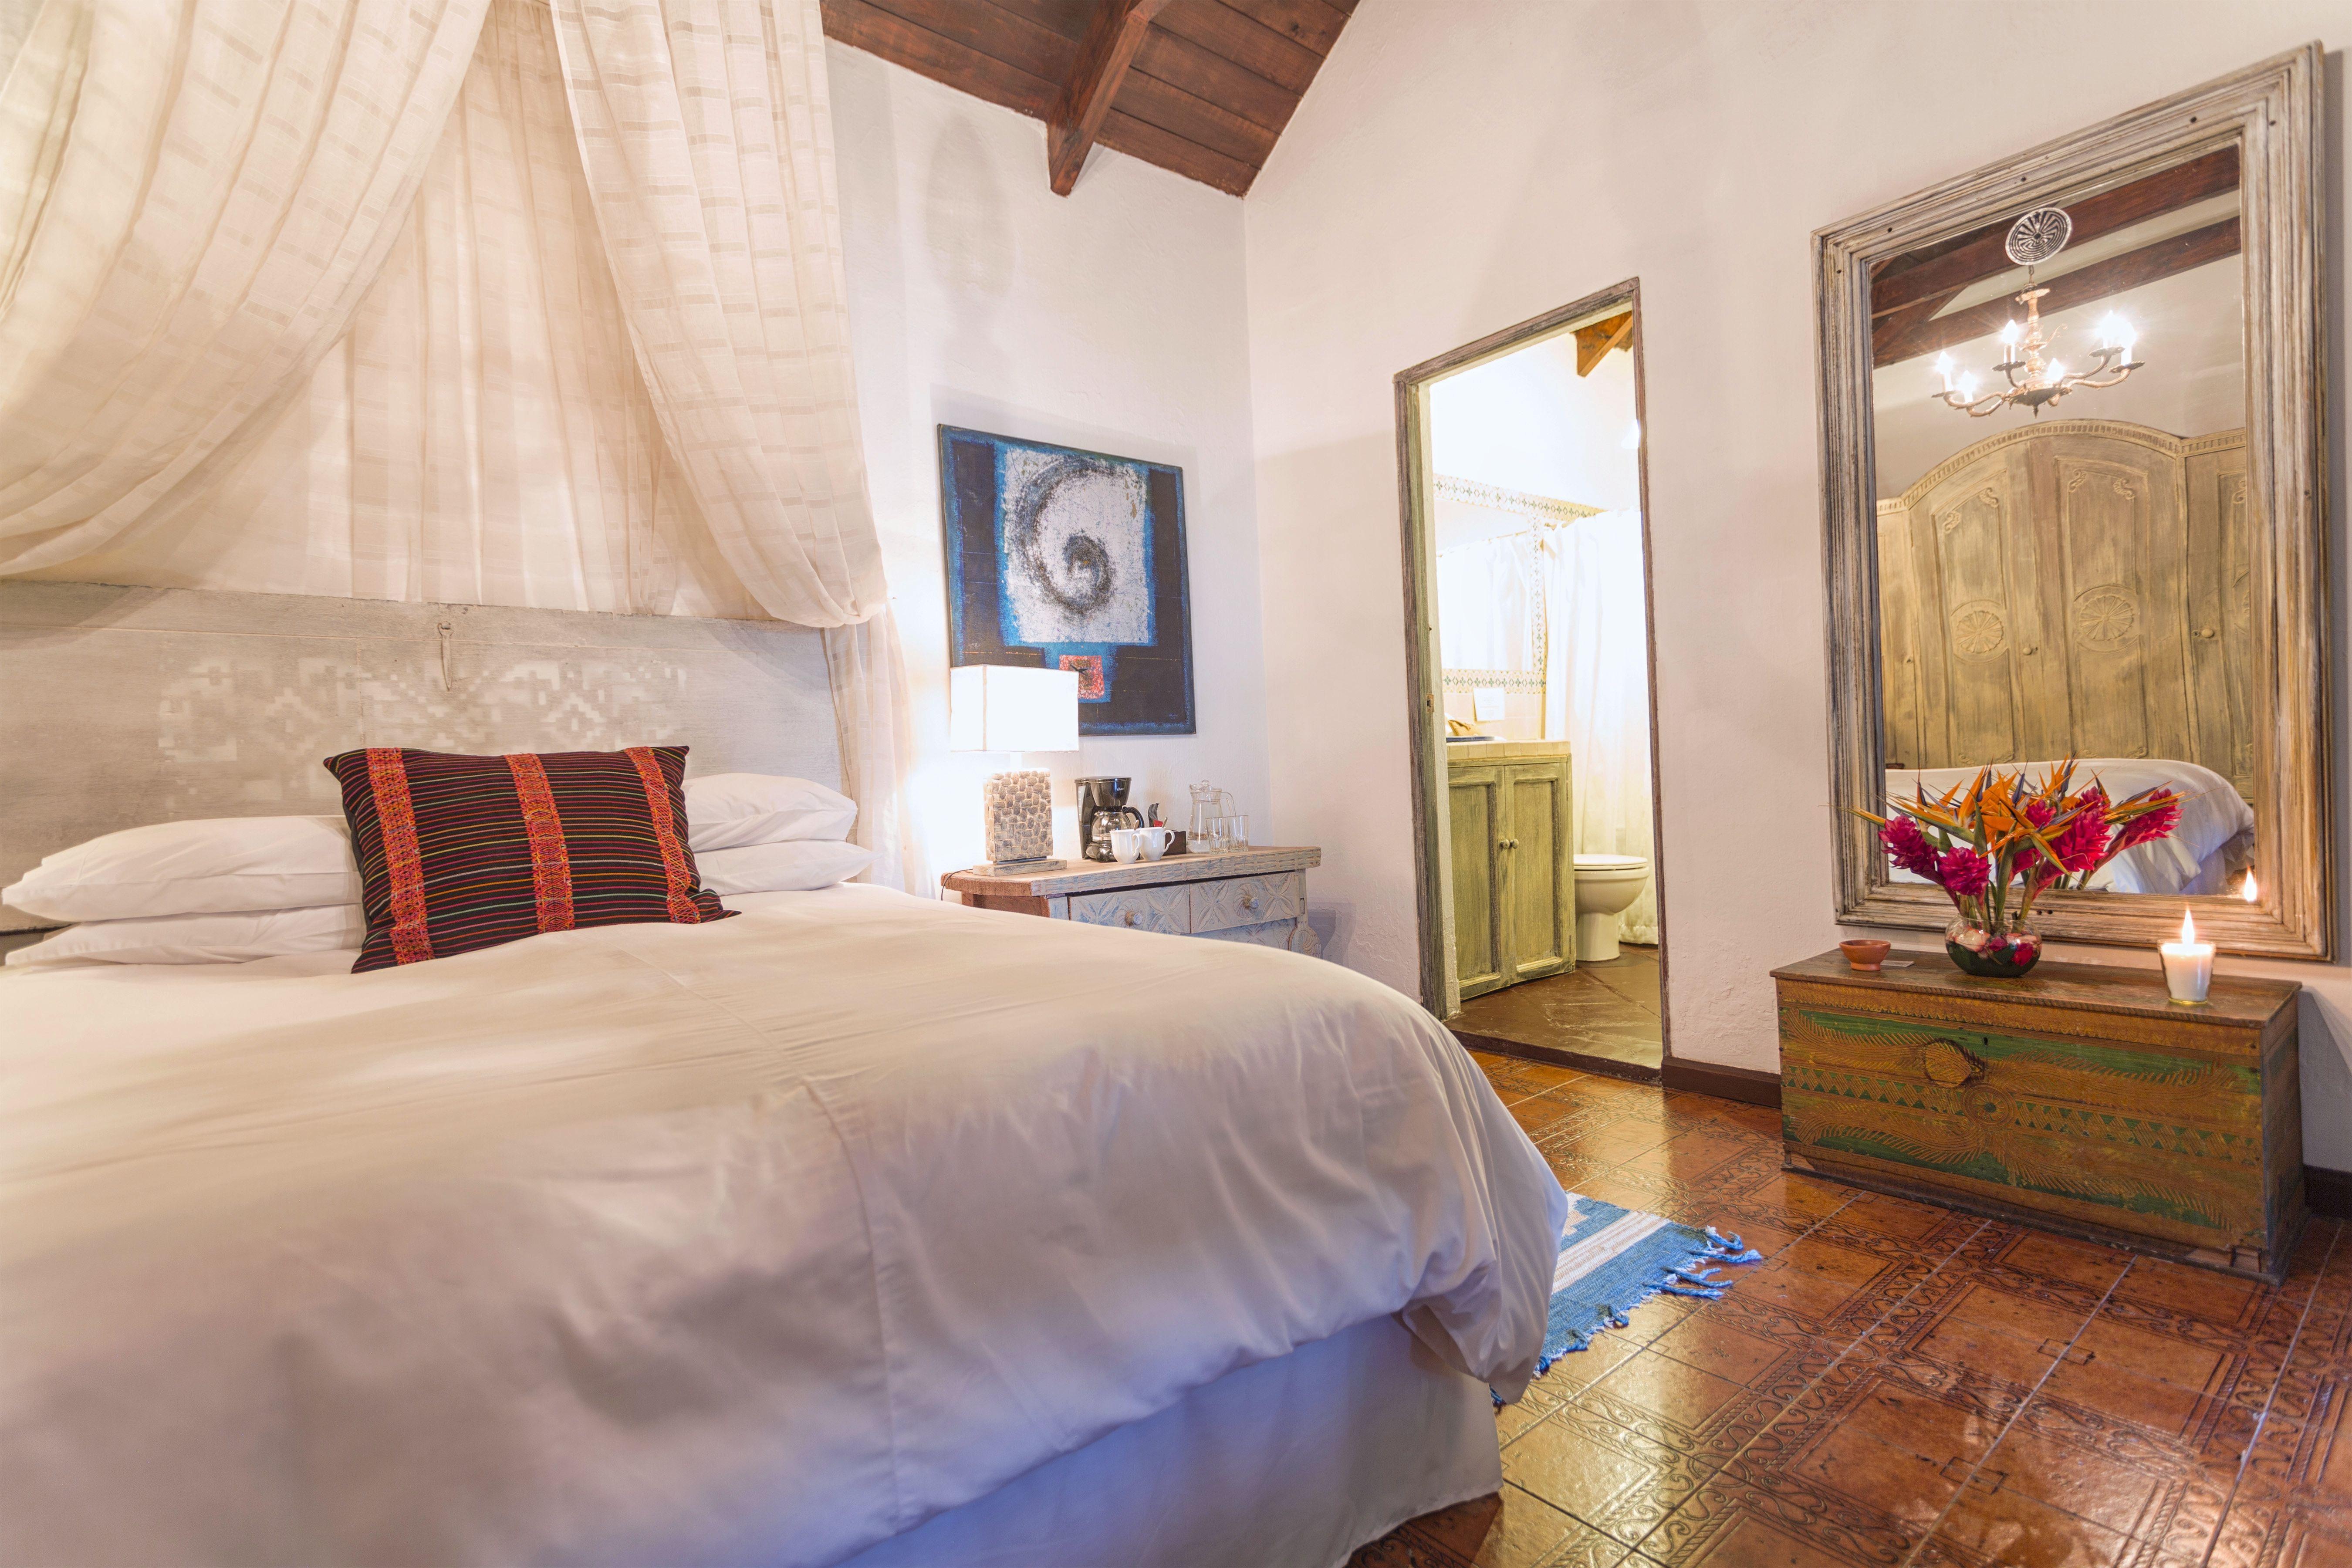 Room #3B Palo-Santo